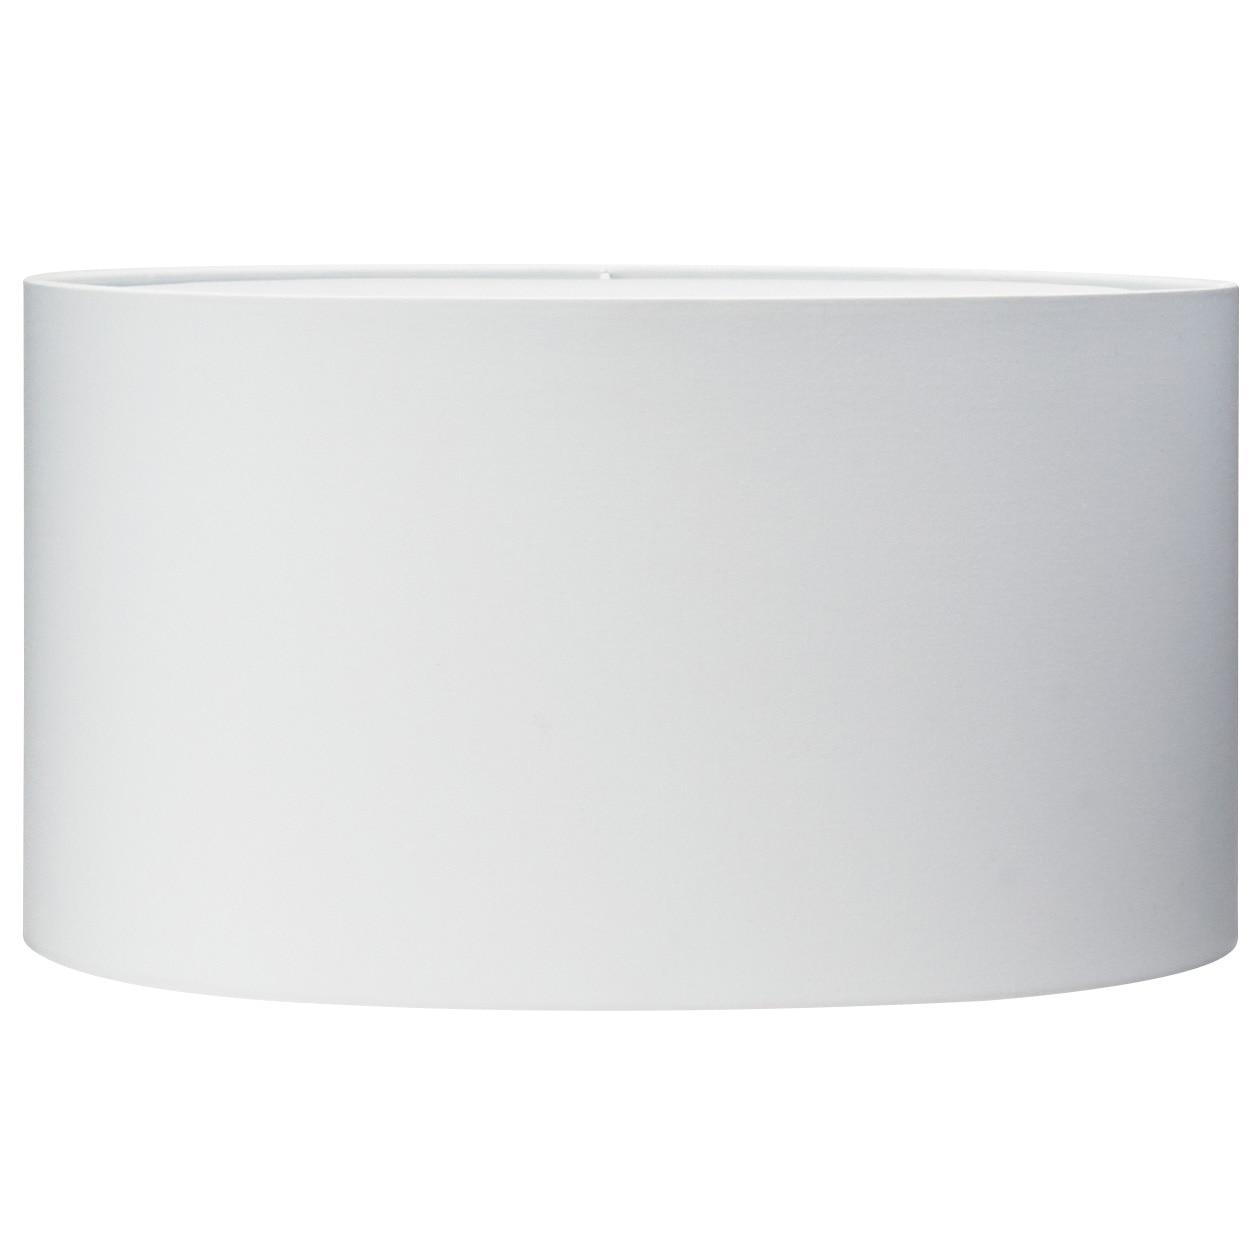 フロアライト用シェード・楕円/シェード:プレーン